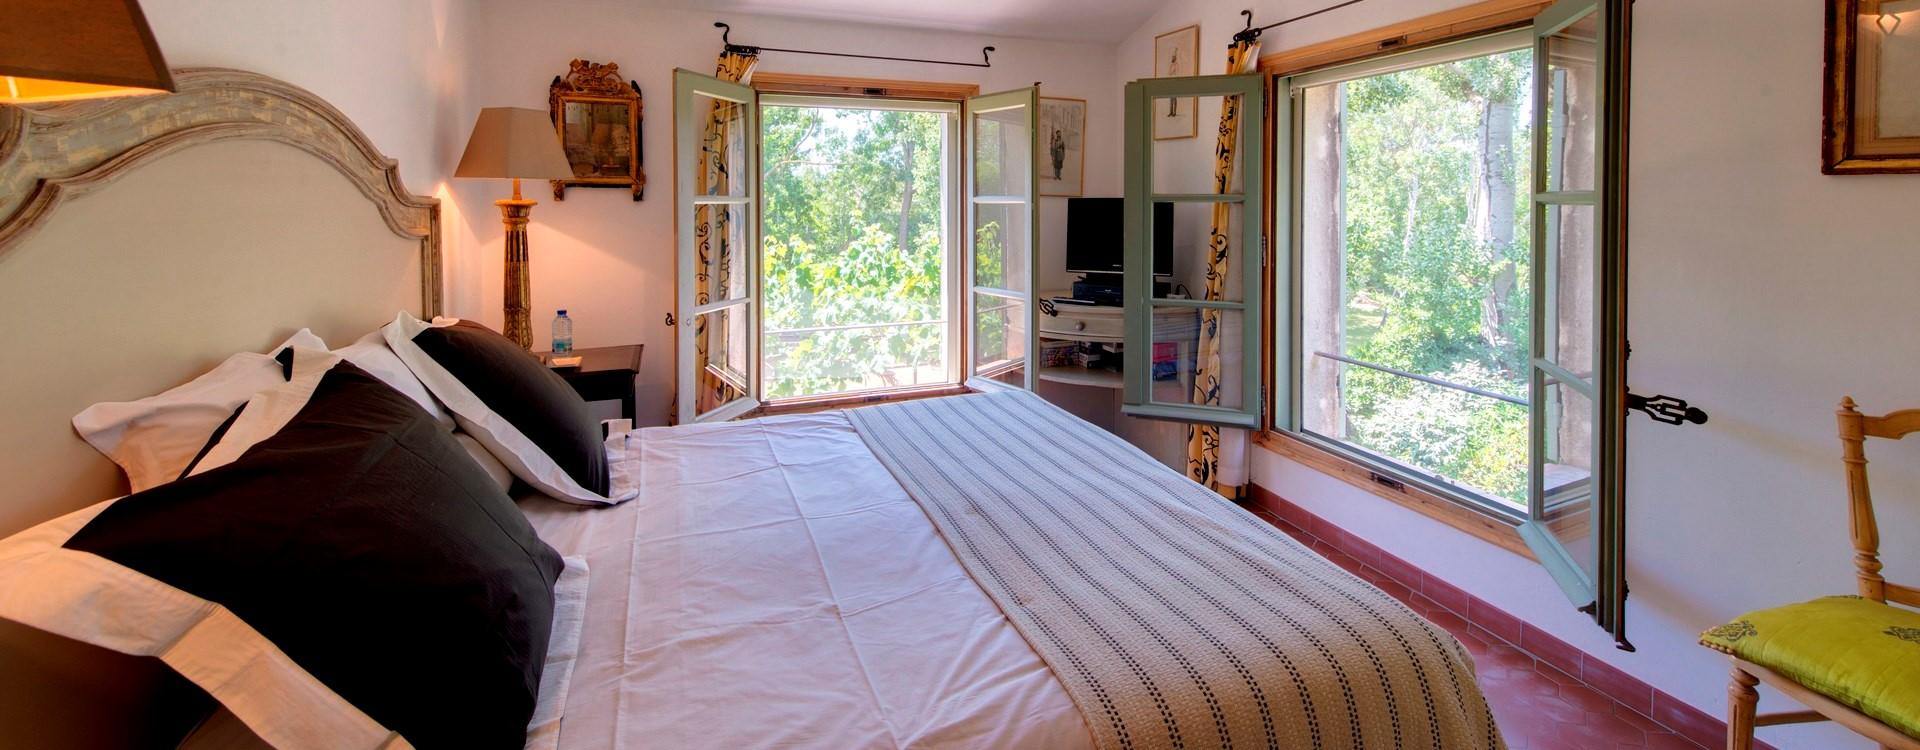 villa-isabelle-master-bedroom